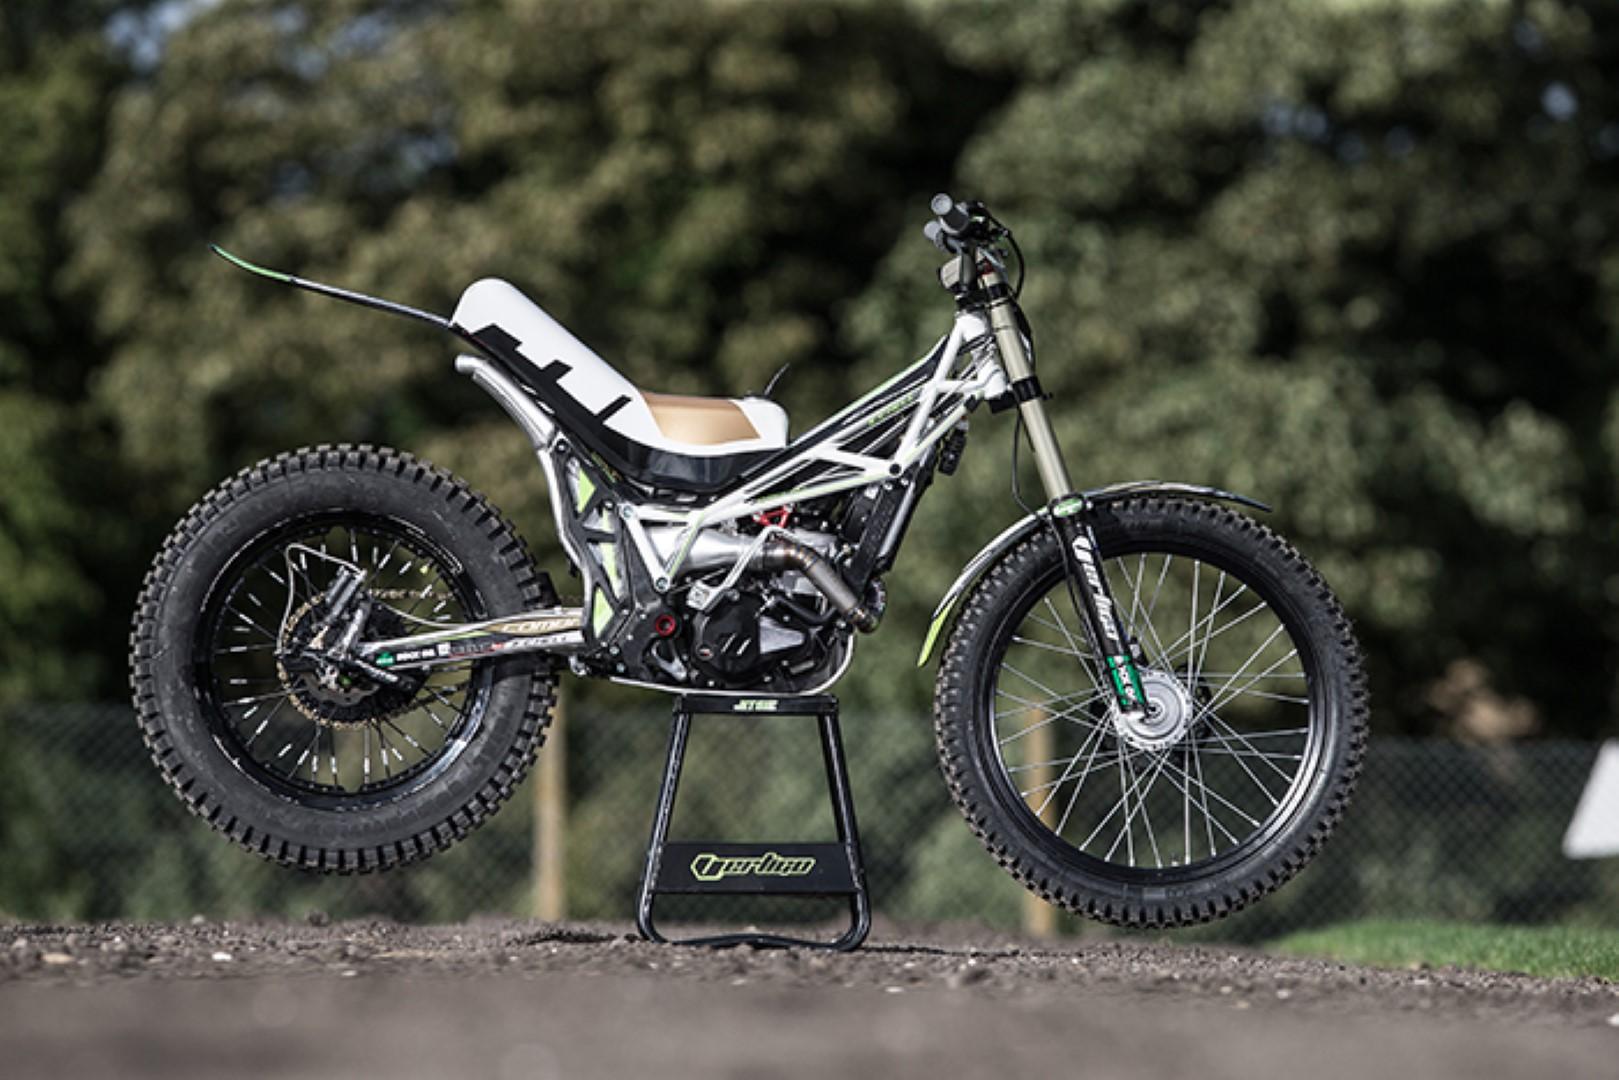 Así es la moto con la que Dougie Lampkin recorrerá la Isla de Man en caballito